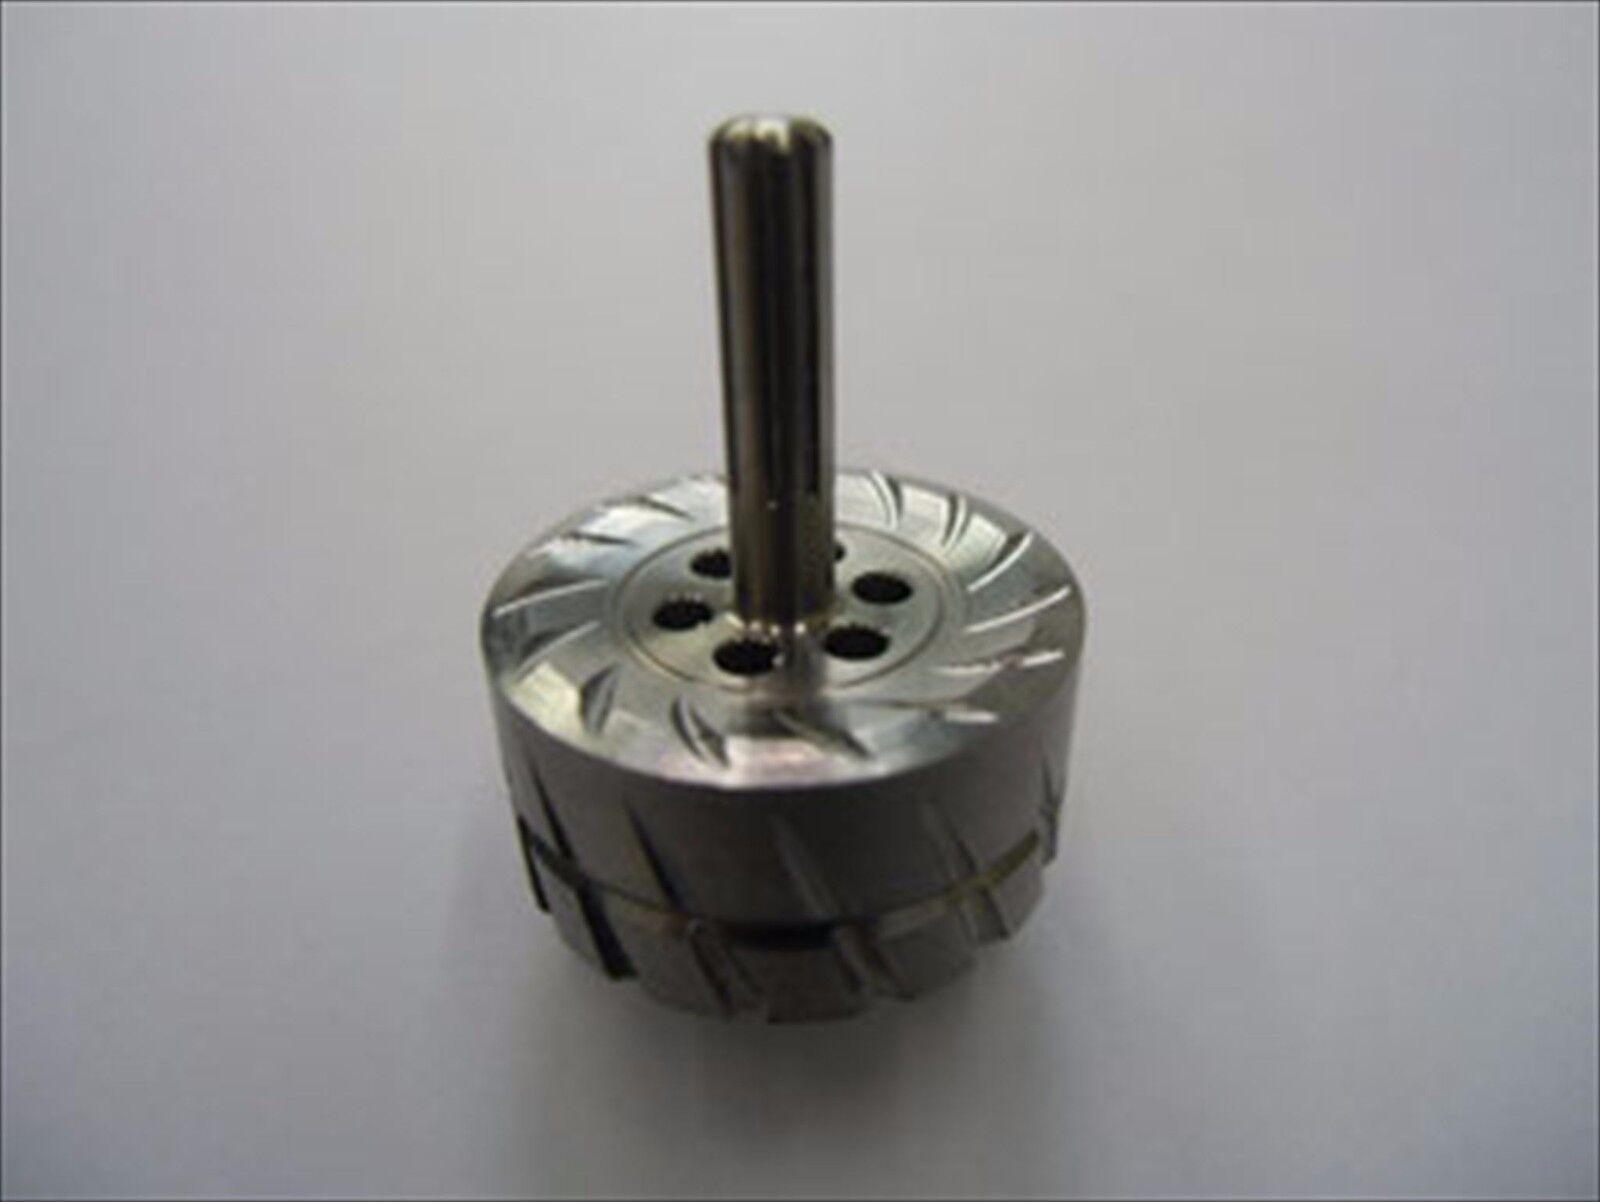 Beviljad KOMA Zion -ZS381D Fujin spinning top tillverkad i japan typ 1  S